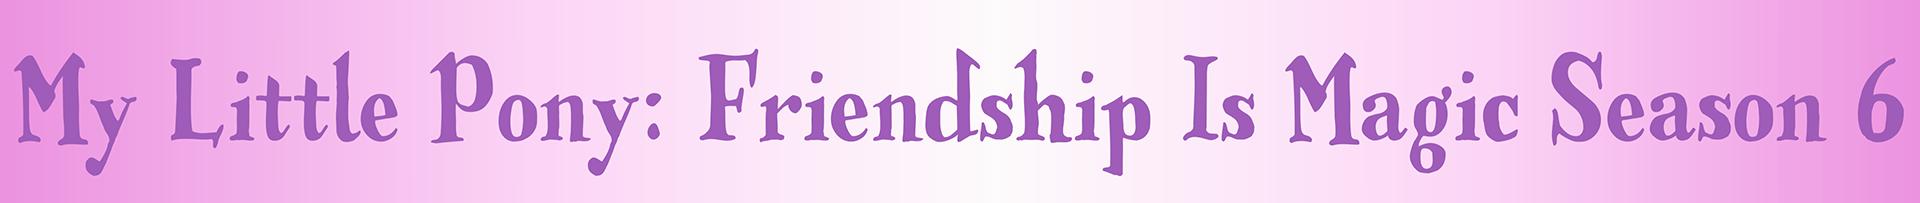 My Little Pony Friendship Is Magic Season 6 by Kronoxus